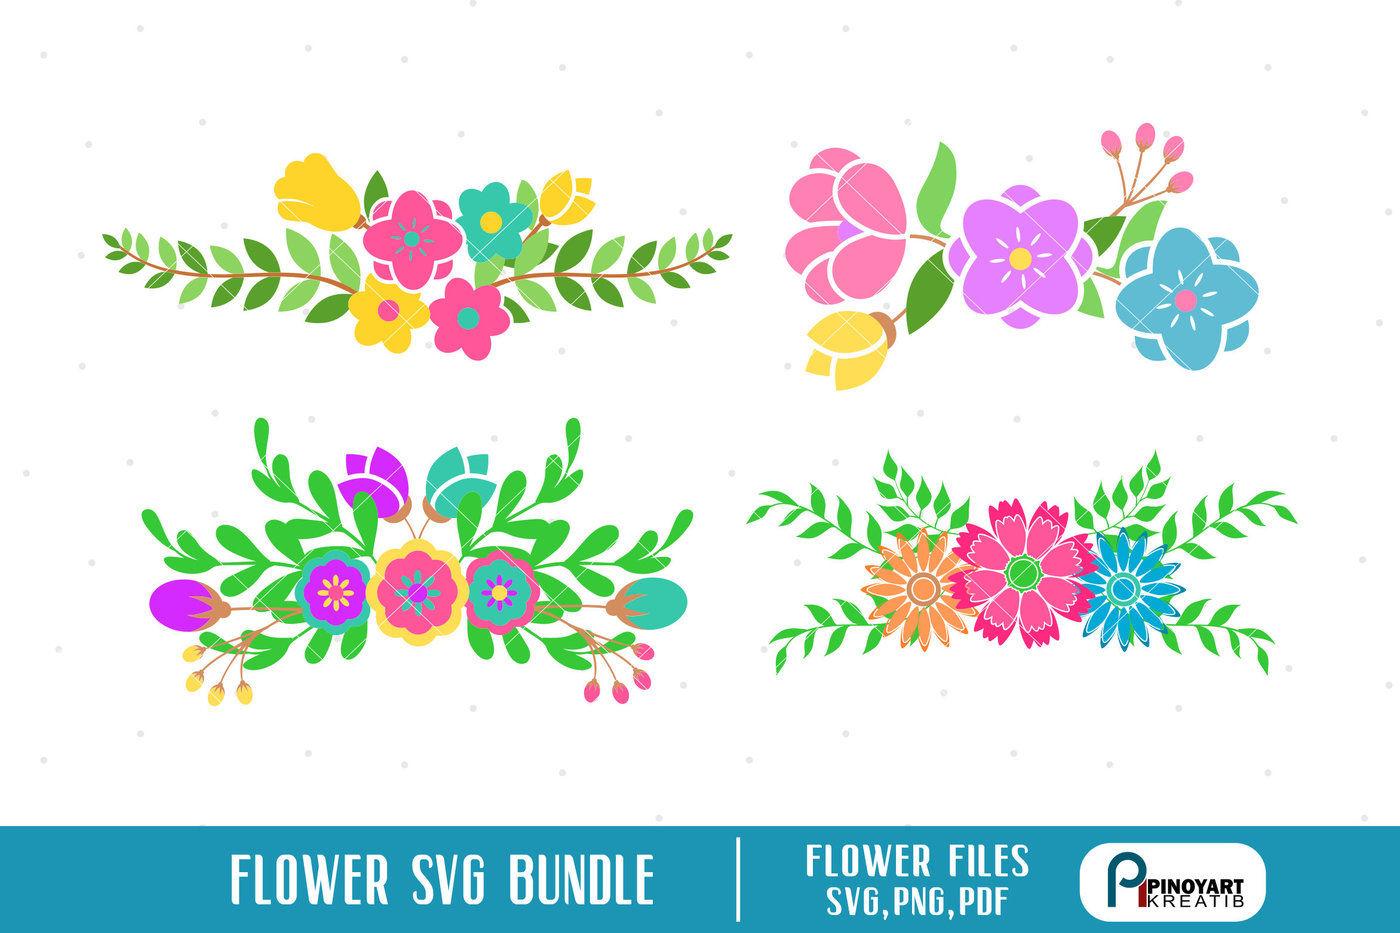 Flower Svg Flower Svg File Flower Png Flower Pdf Flower Clip